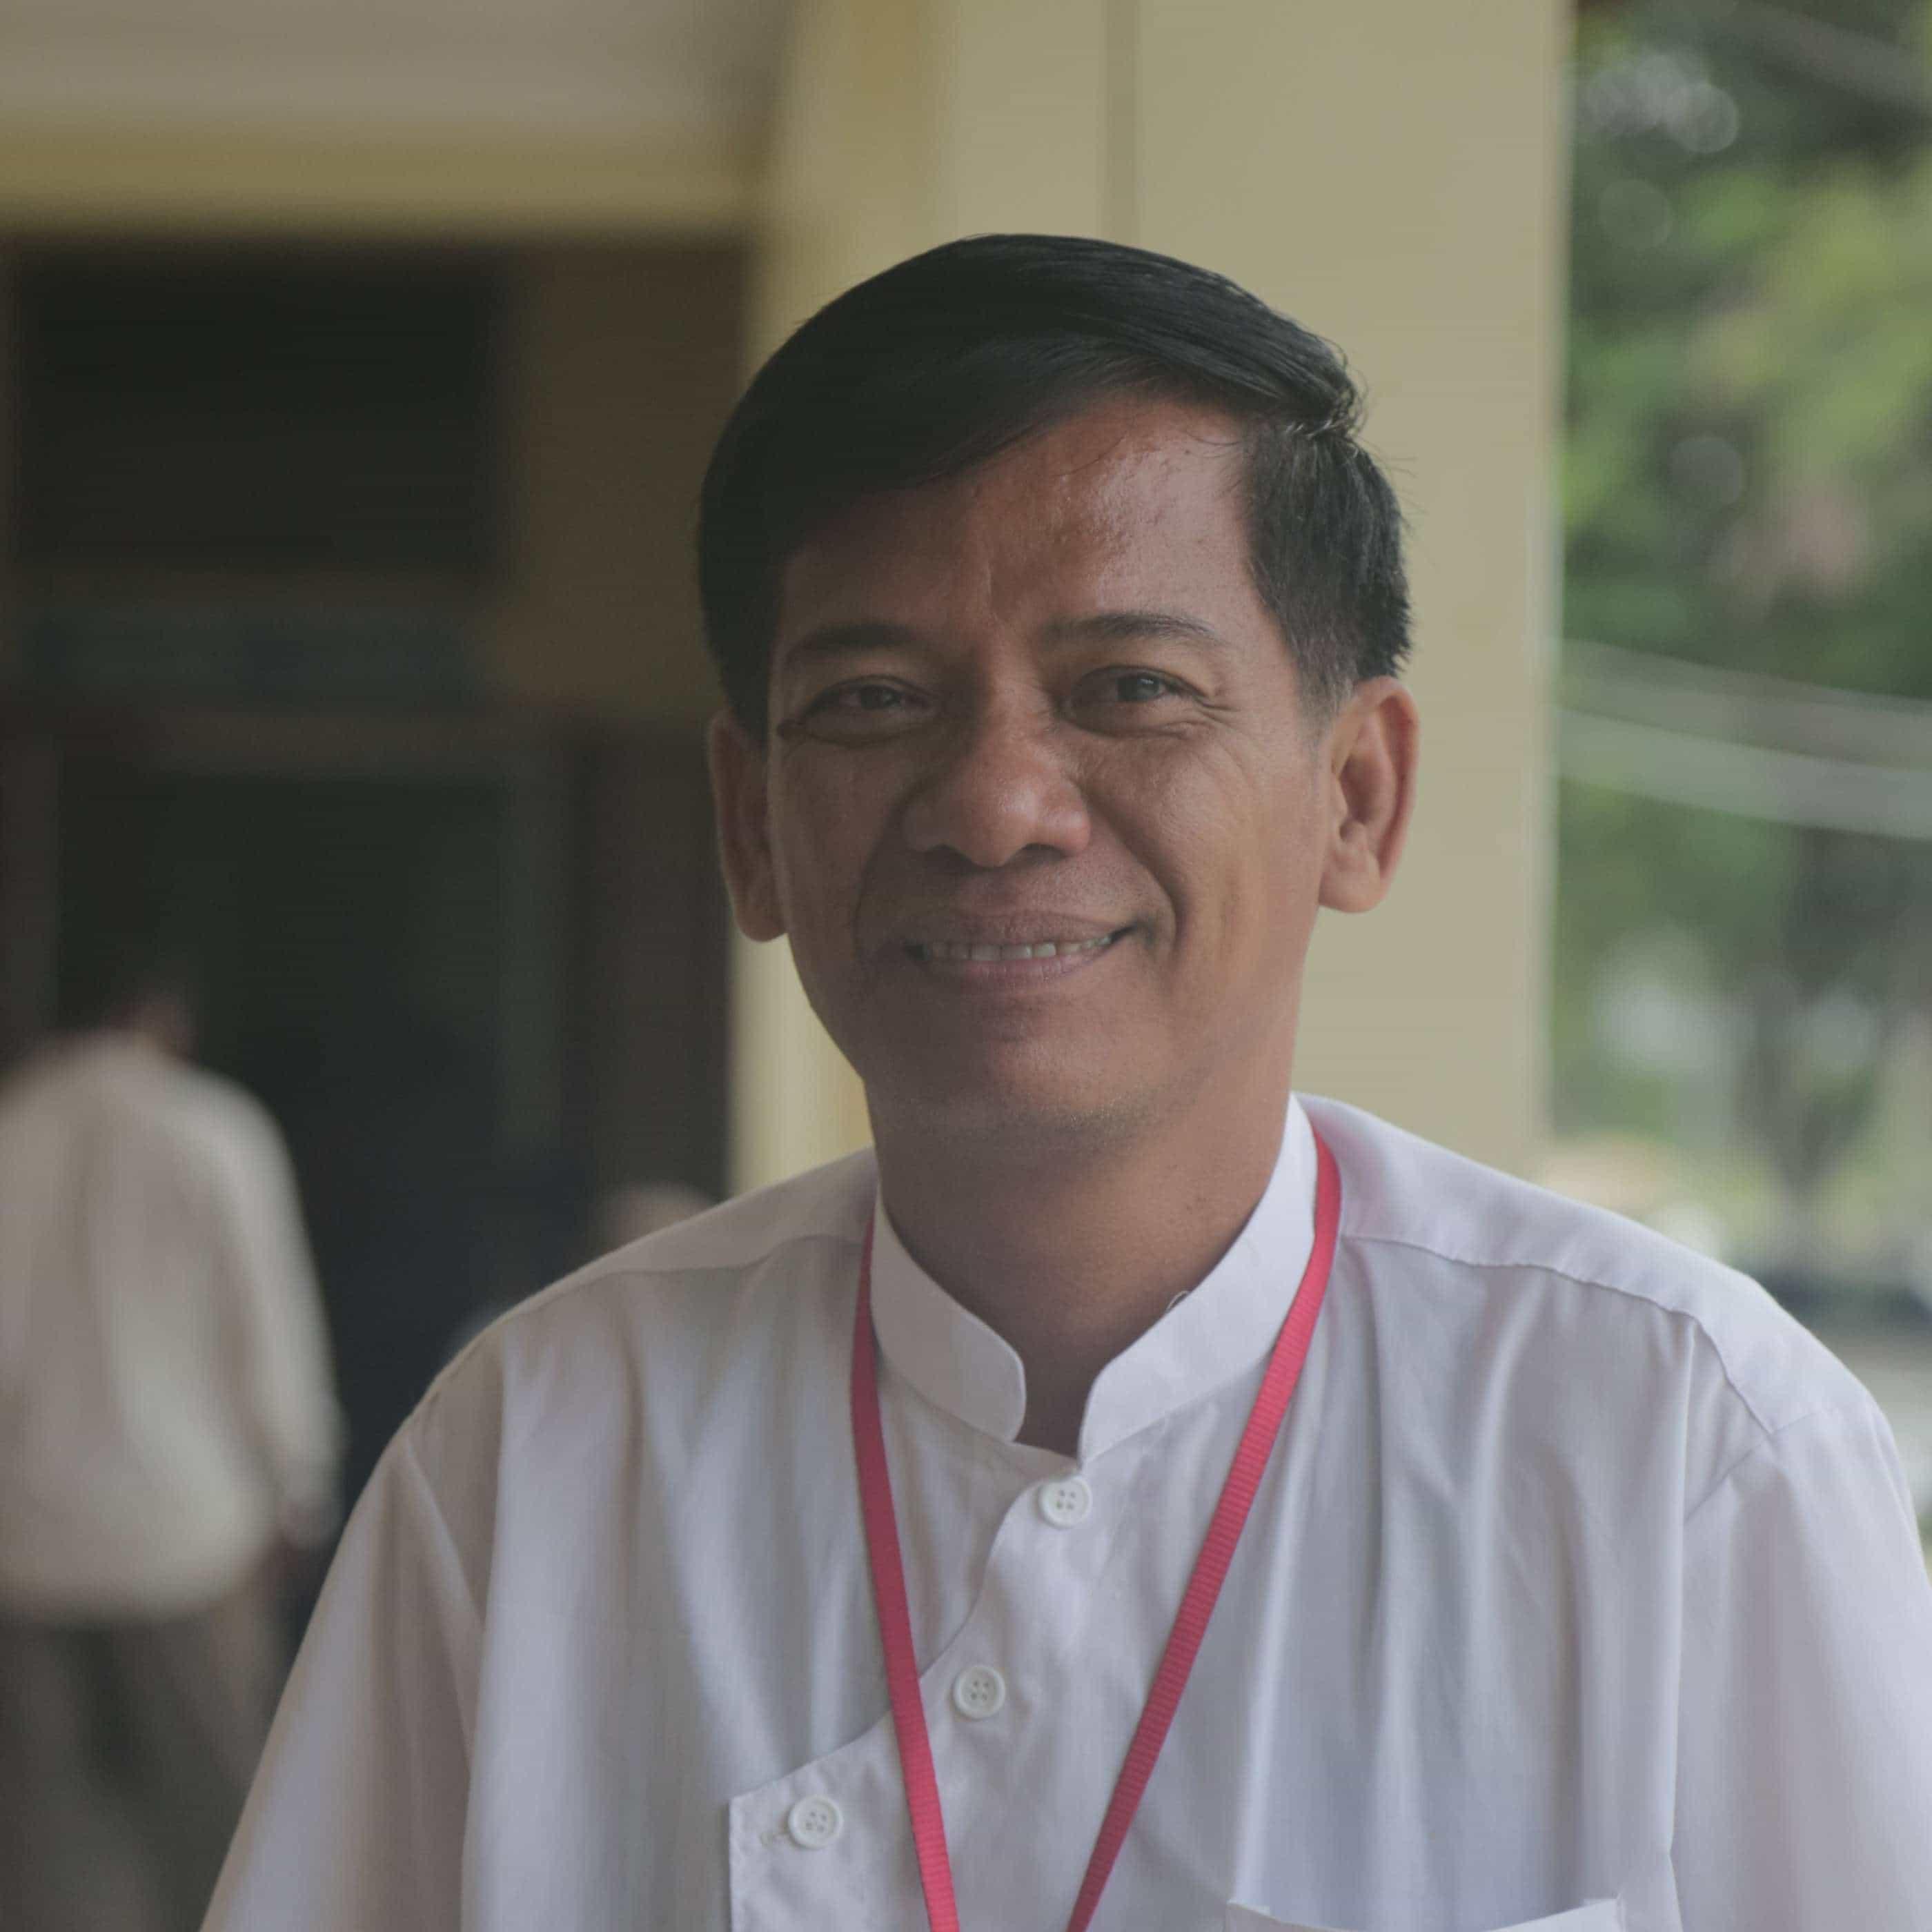 Doctor-Sao-Chanta-2.jpg